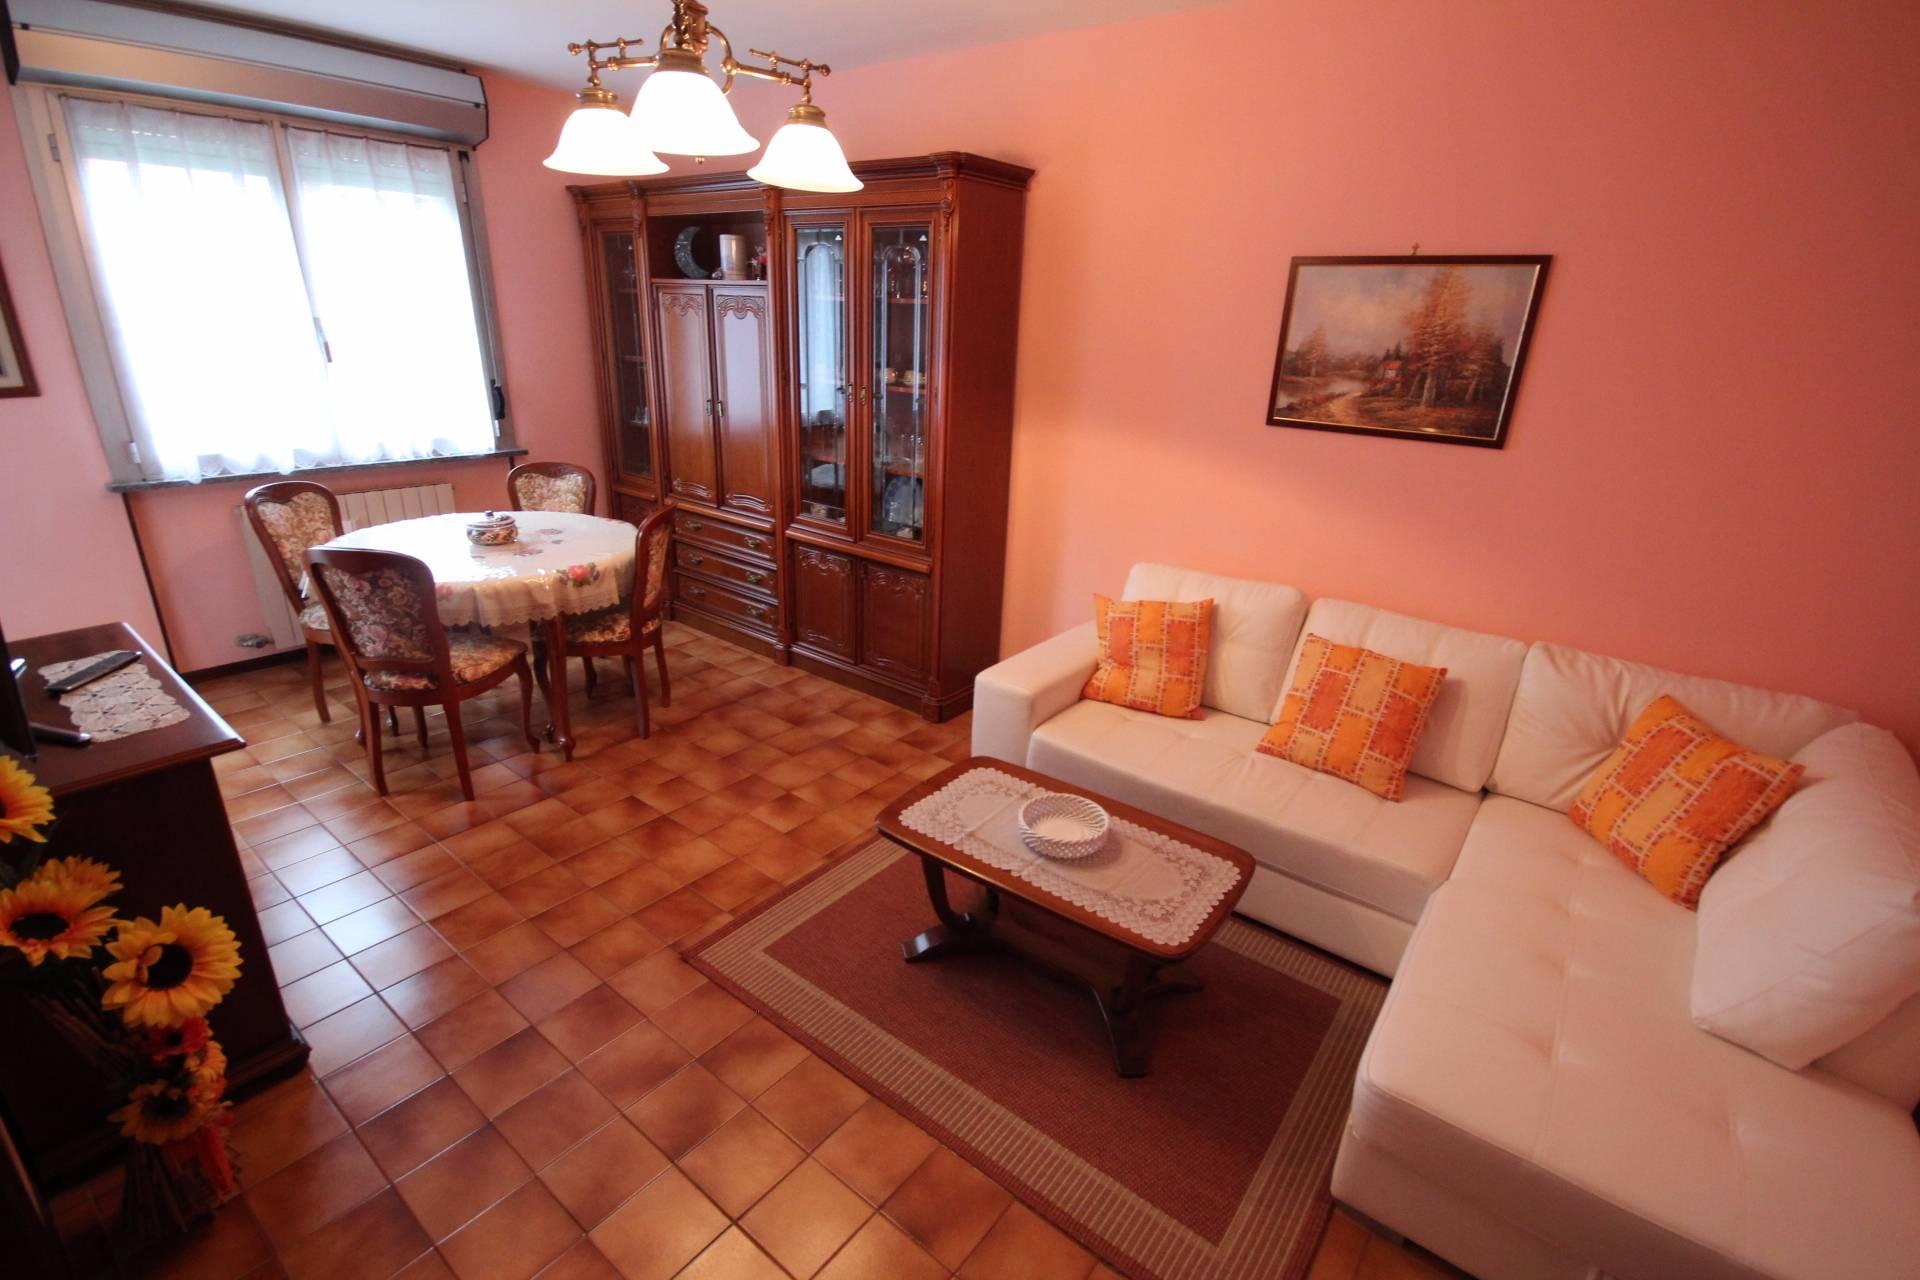 Appartamento in affitto a Verbania, 3 locali, zona Zona: Pallanza, prezzo € 600 | Cambio Casa.it